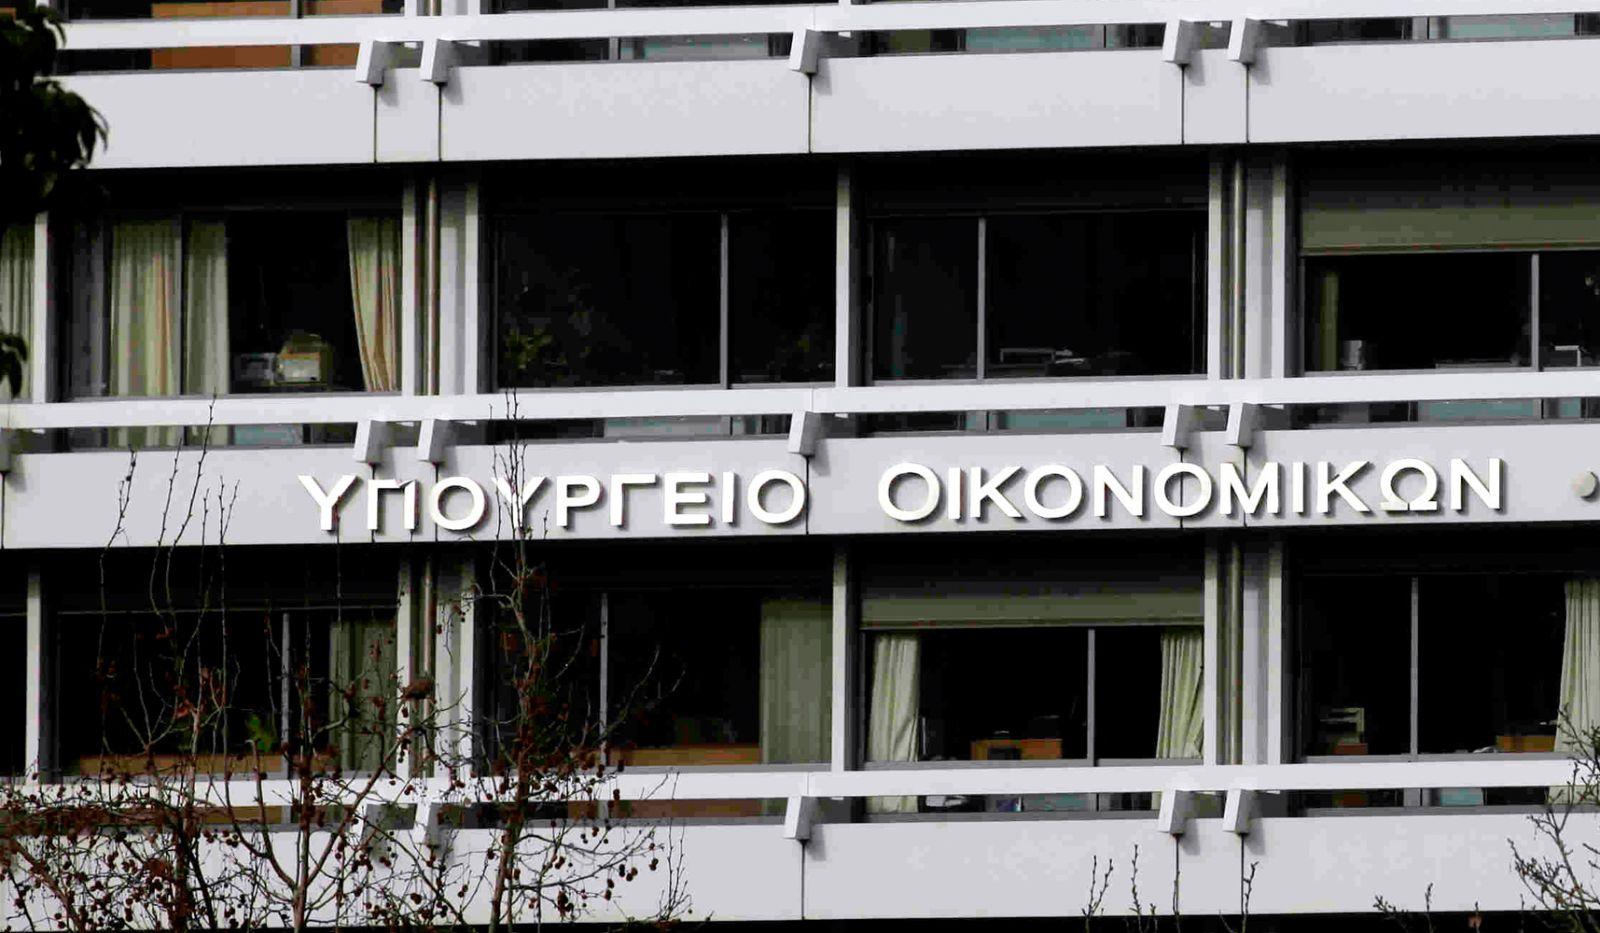 Πιάνουν δουλειά τα τεχνικά κλιμάκια για την 8η μεταμνημονιακή αξιολόγηση της ελληνικής οικονομίας